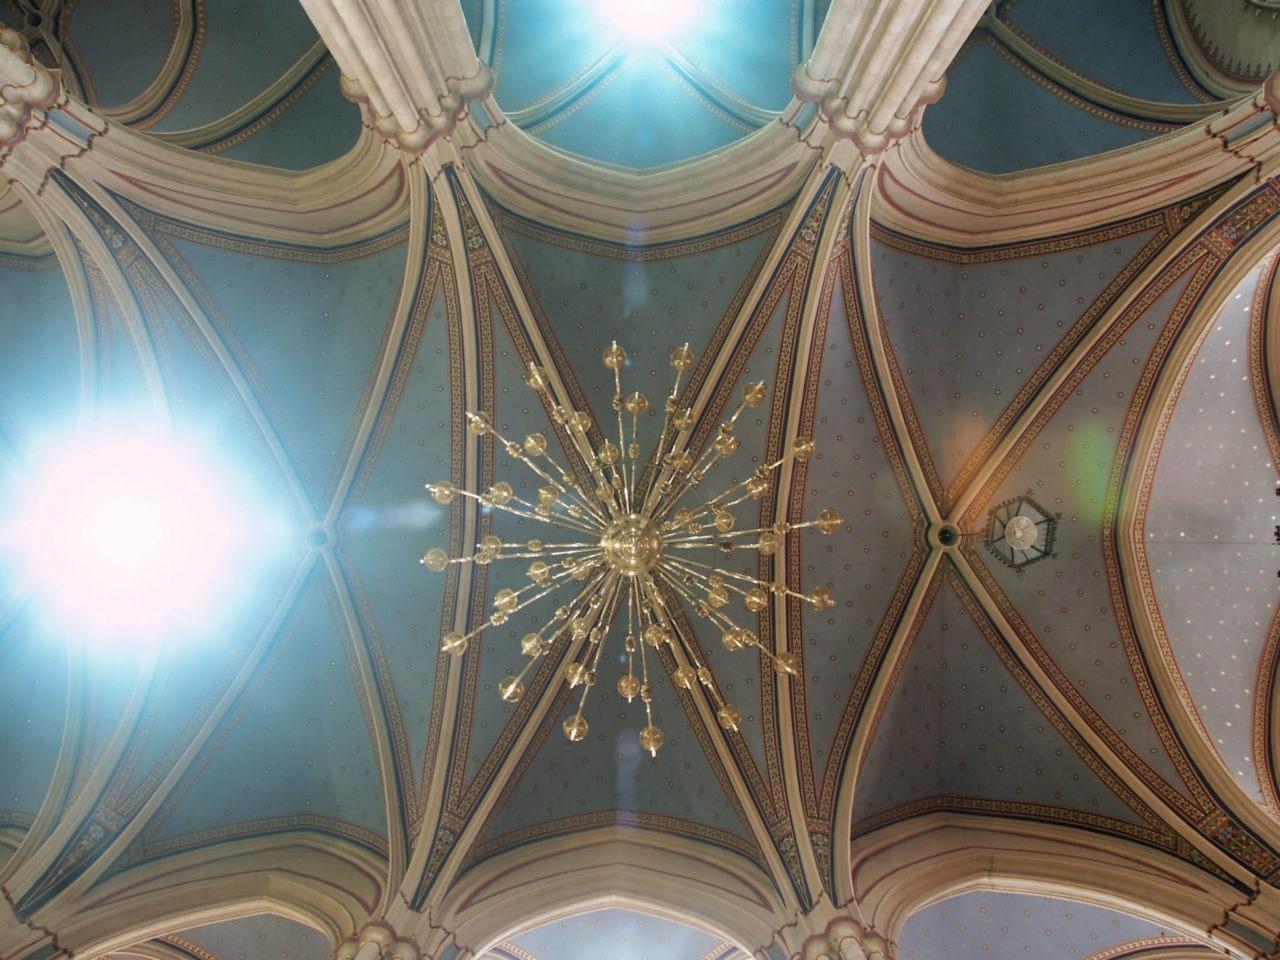 De Zagreb Cathedraal - Waarom maak ik een foto van het plafond?